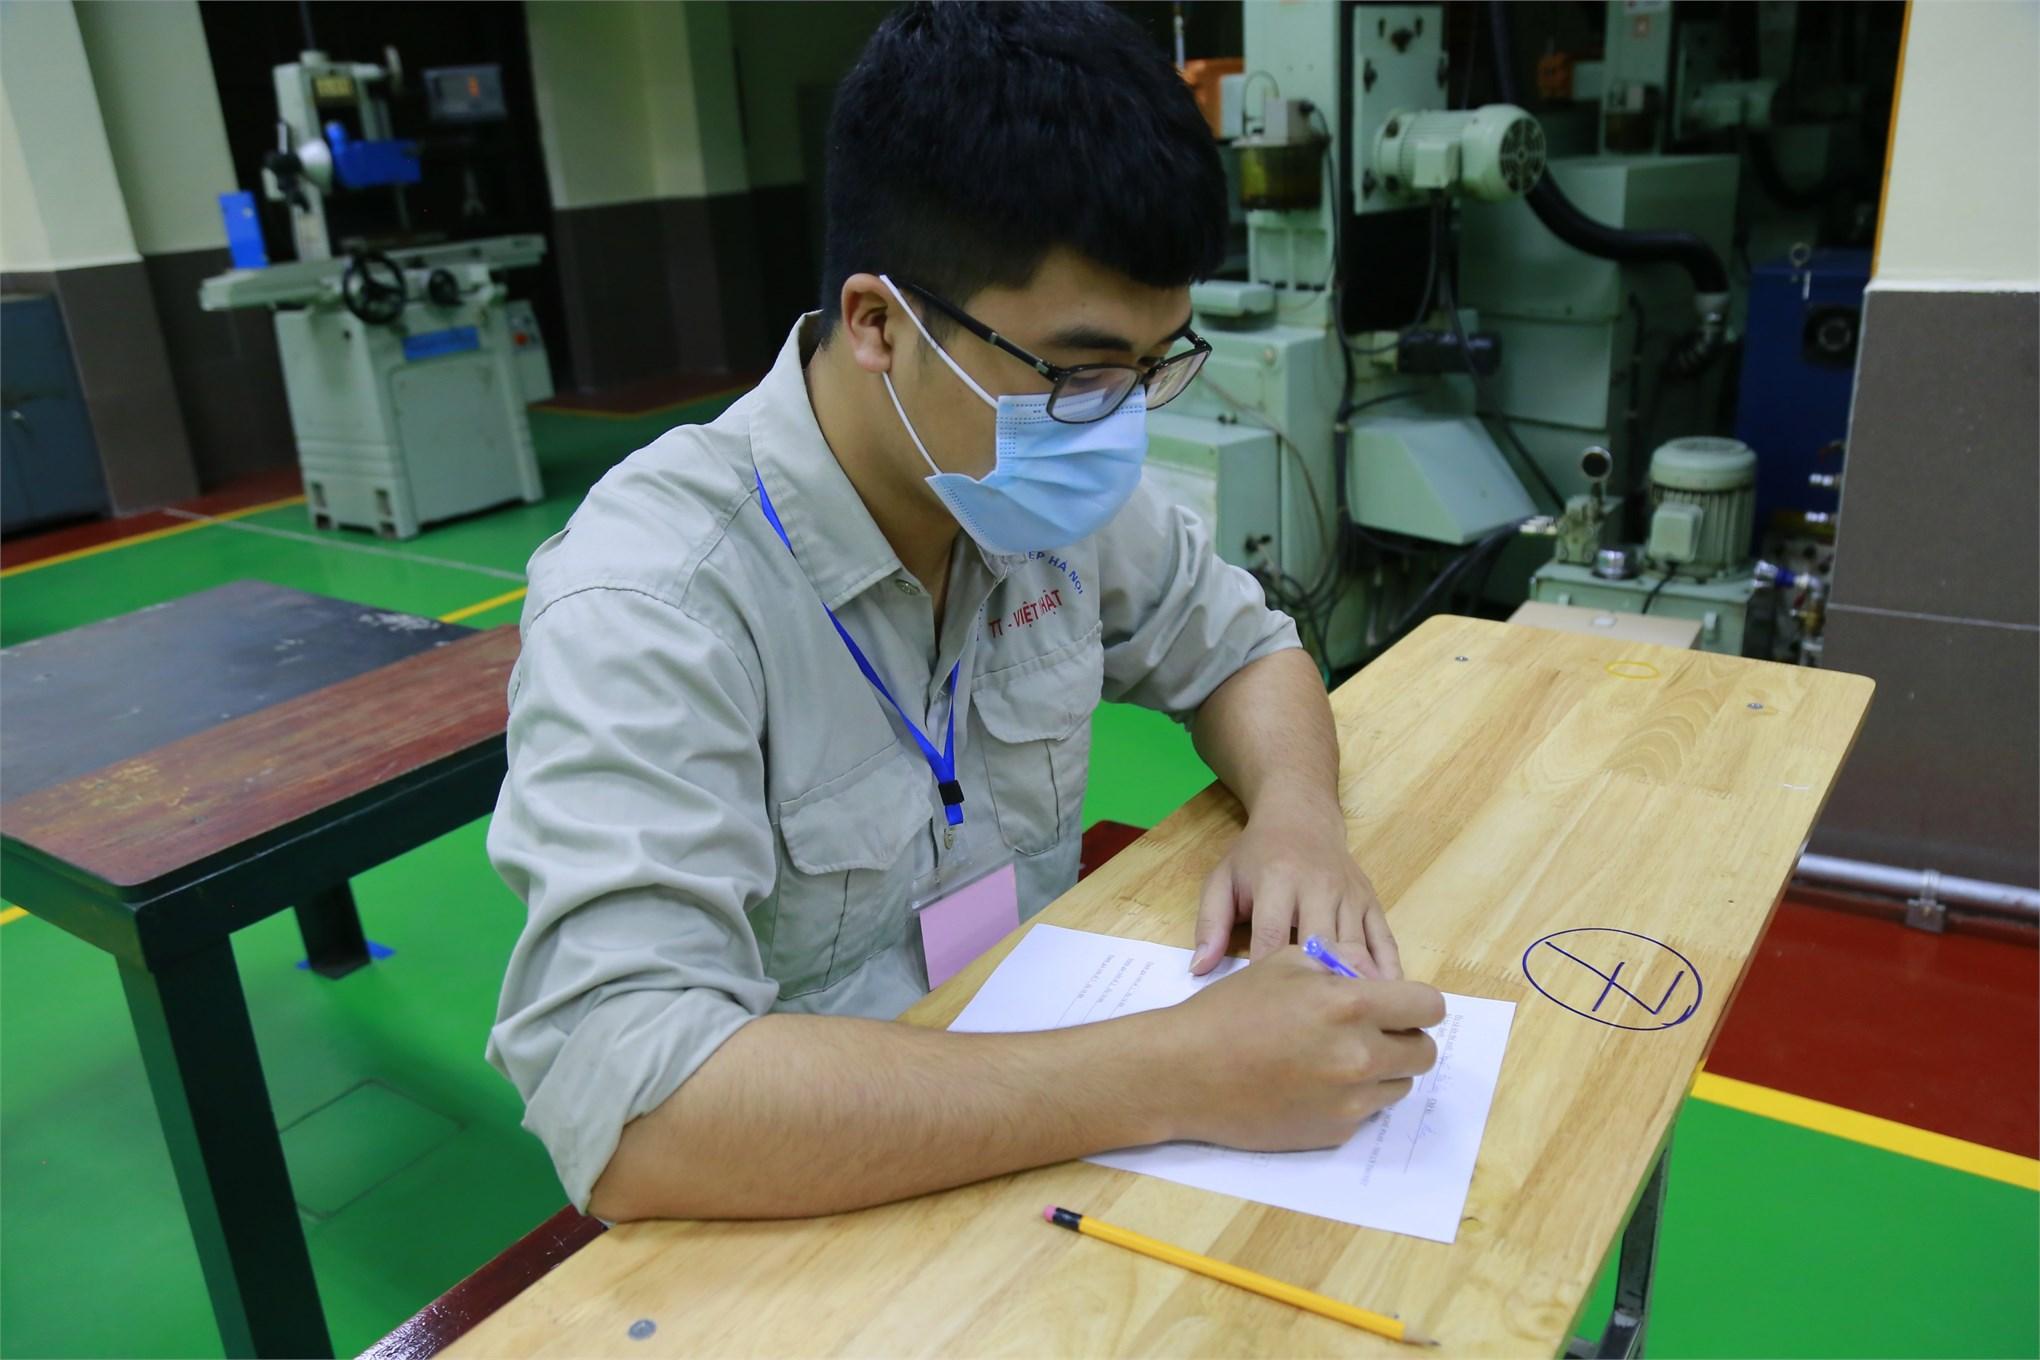 Trường Đại học Công nghiệp Hà Nội tổ chức đánh giá kỹ năng nghề Phay vạn năng bậc 3 theo tiêu chuẩn Nhật Bản